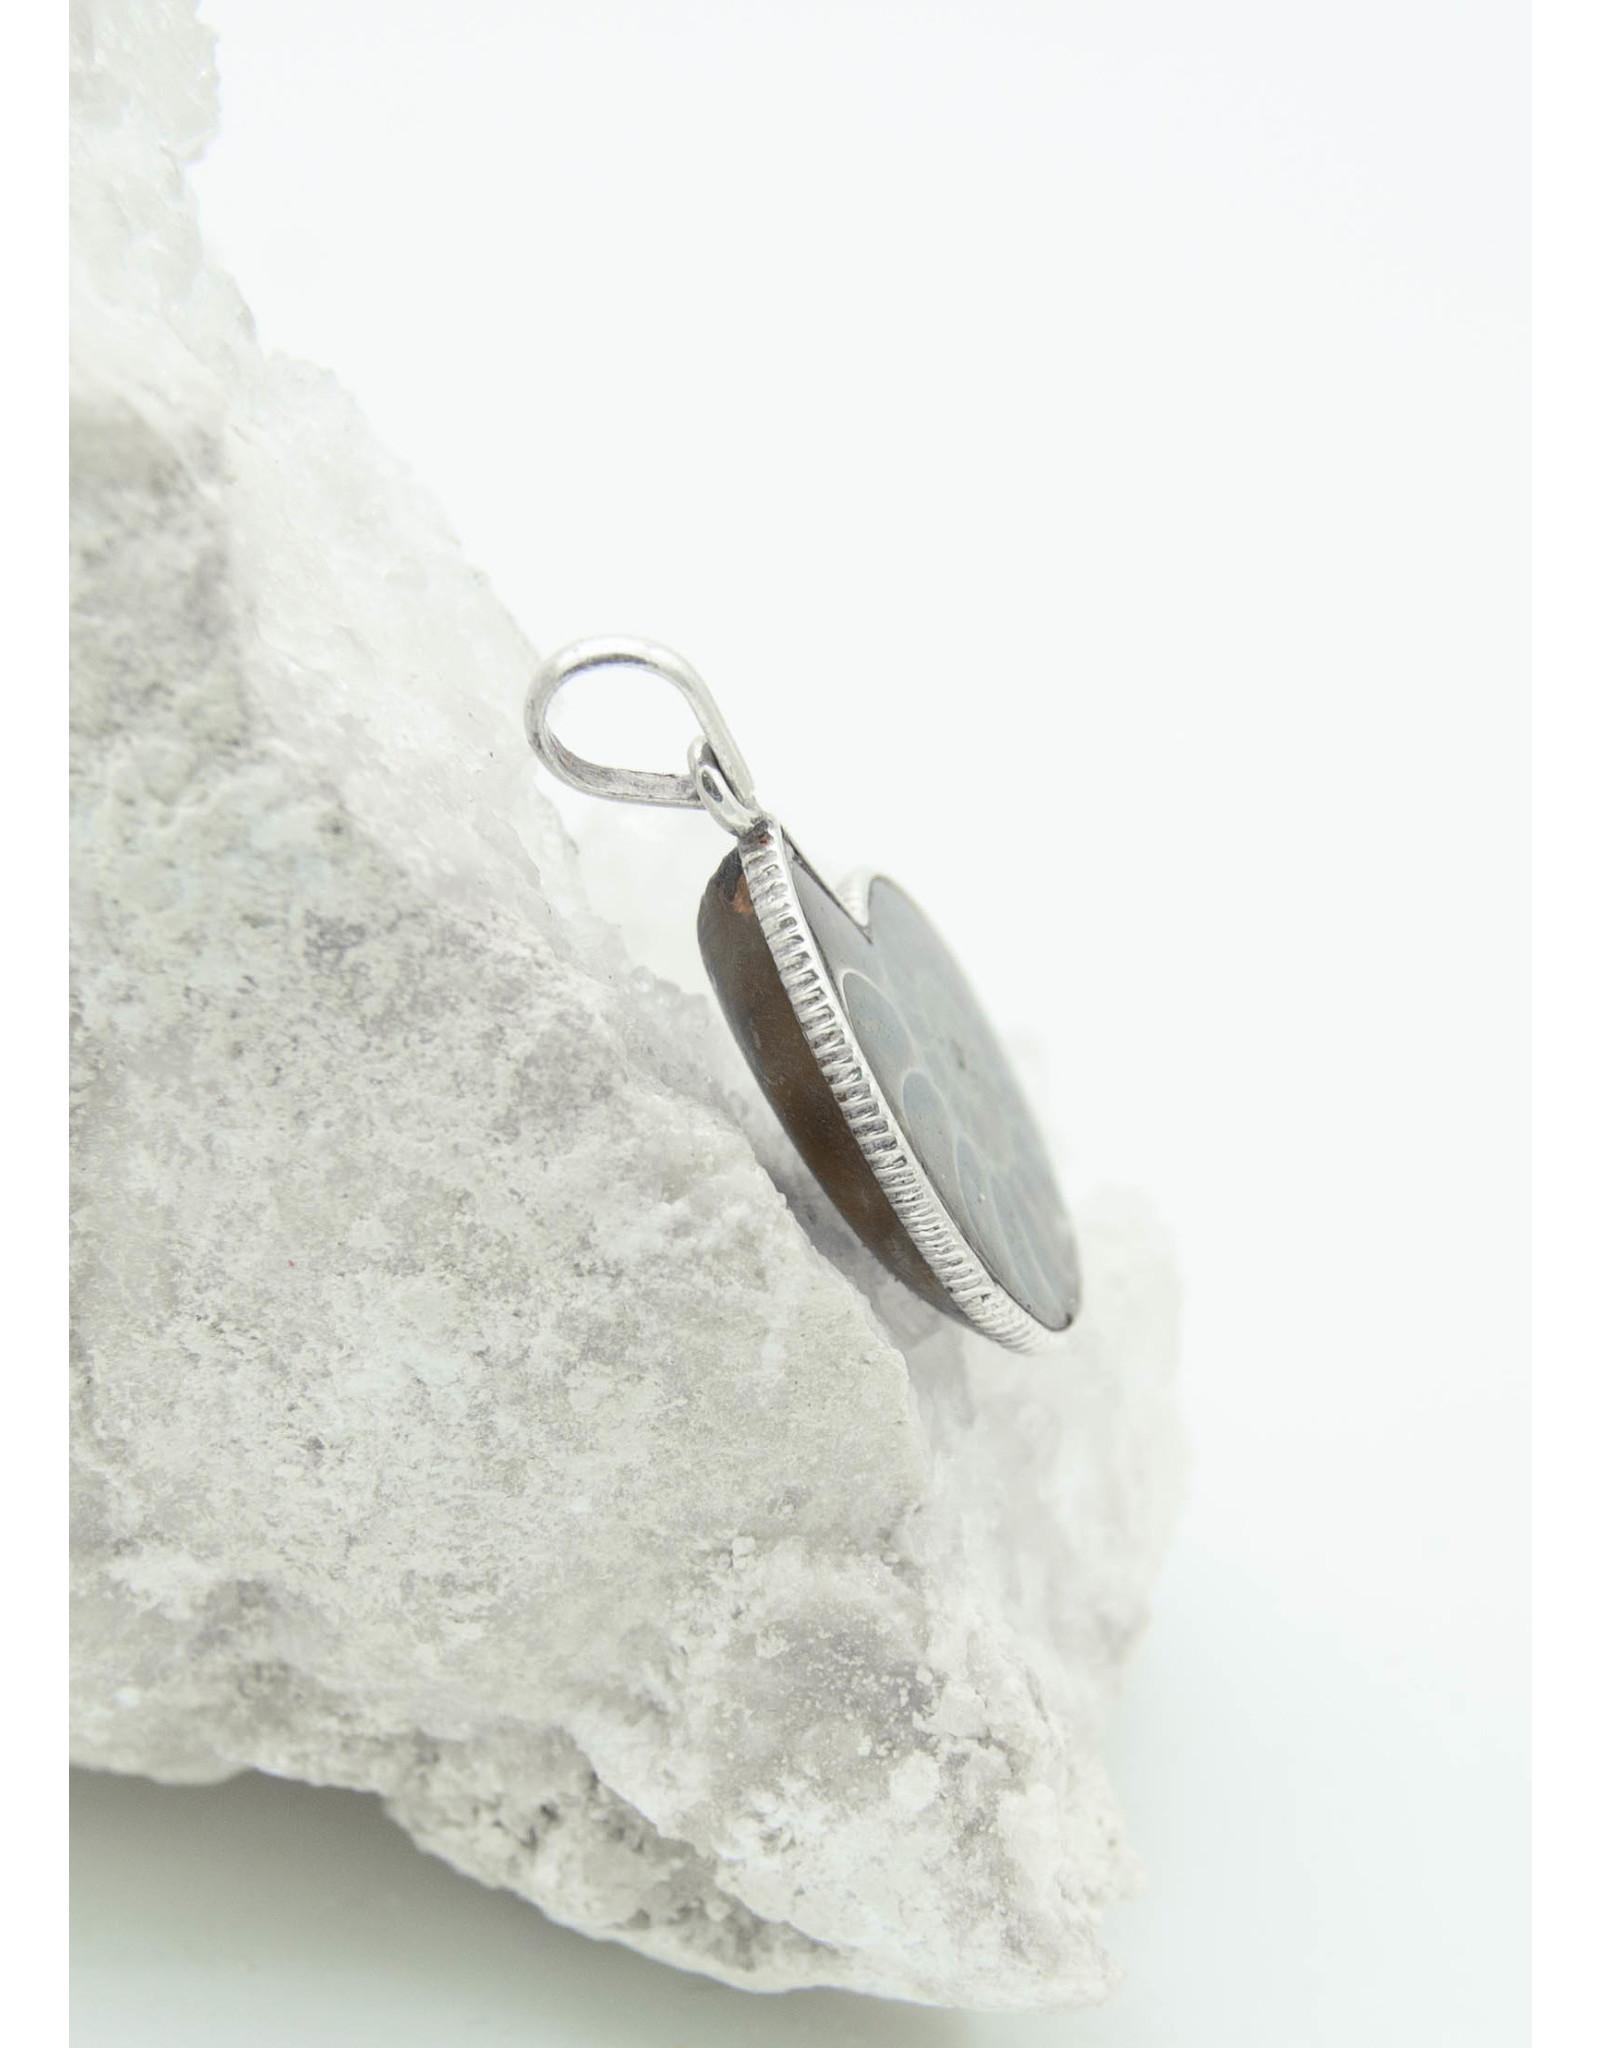 Ammonite Pendant